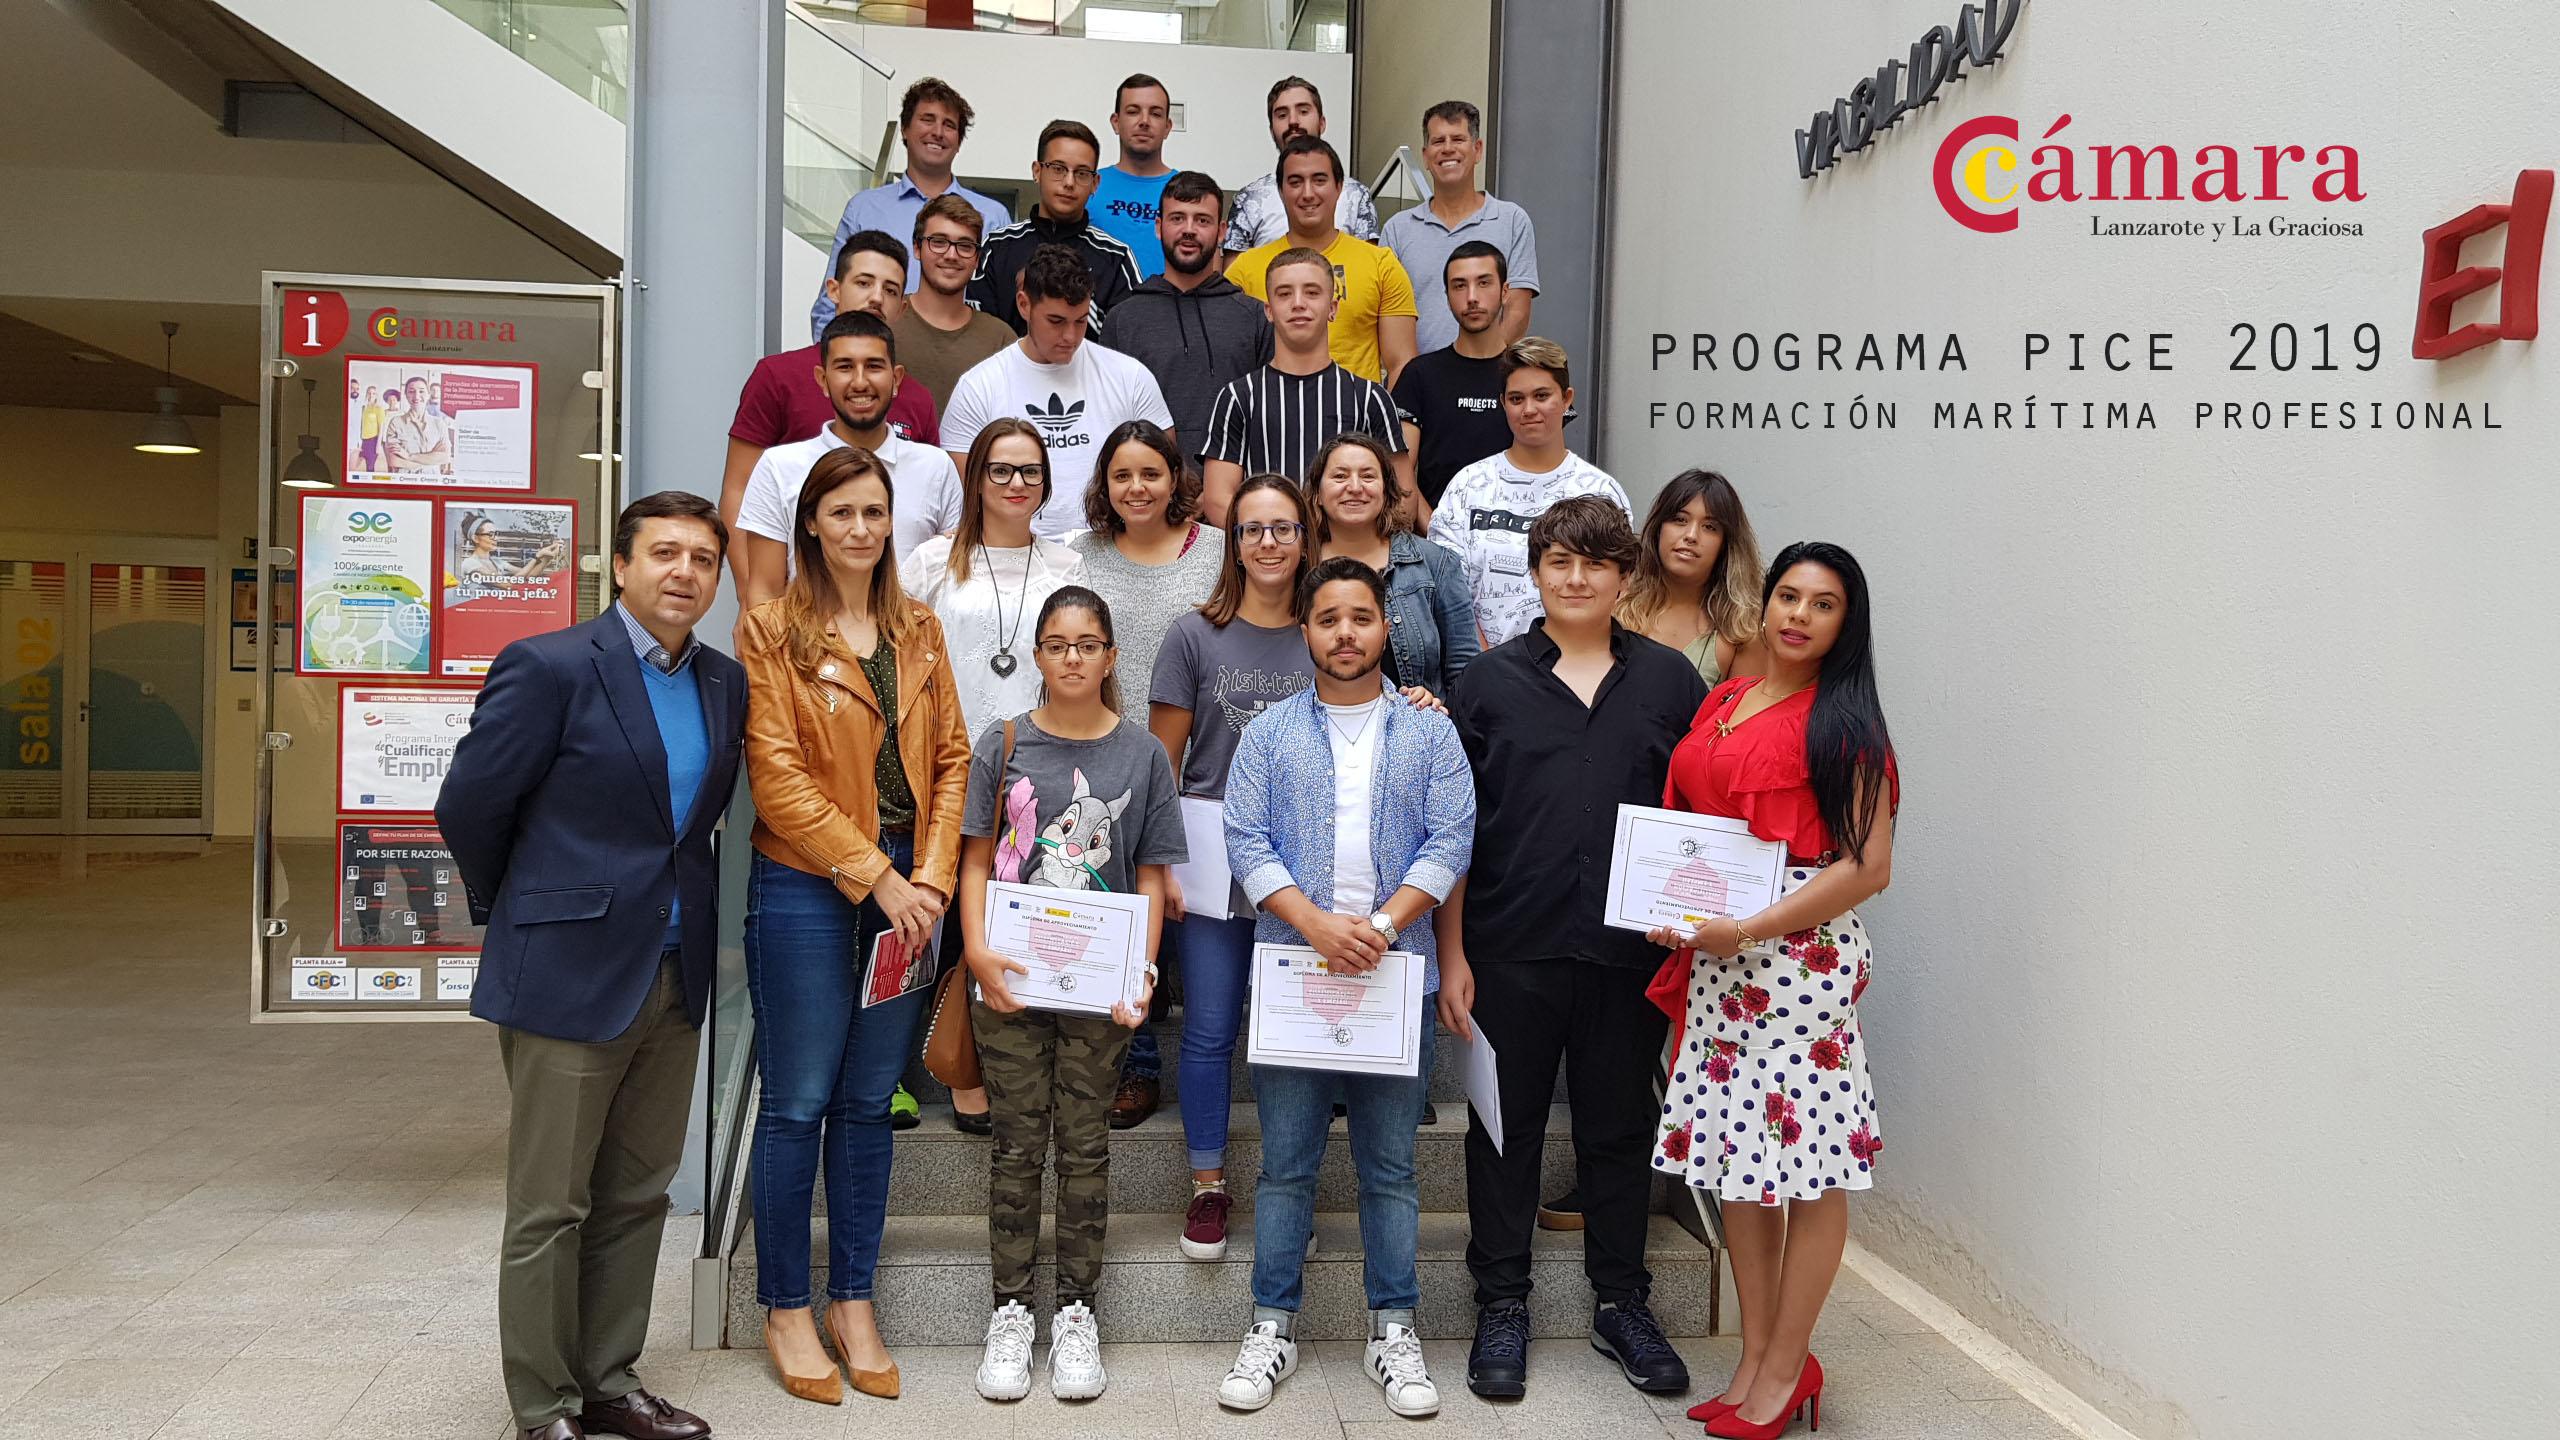 Cámara de Comercio y Cabildo de Lanzarote clausuran la formación marítima profesional para jóvenes